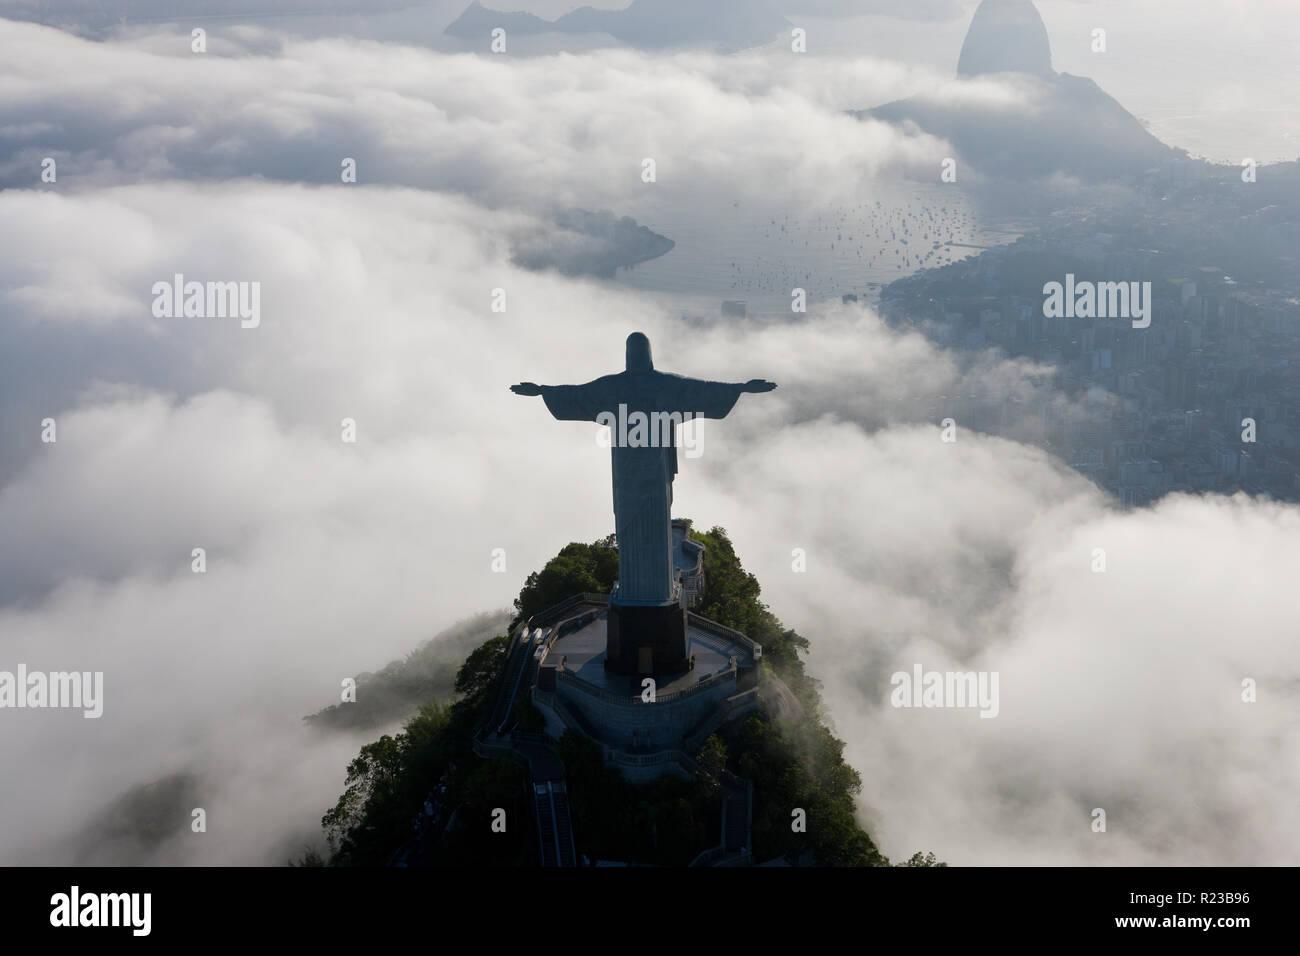 La gigantesca estatua Art Decó de Jesús, conocido como el Cristo Redentor (Cristo Redentor), en la montaña de Corcovado en Río de Janeiro, Brasil. Foto de stock